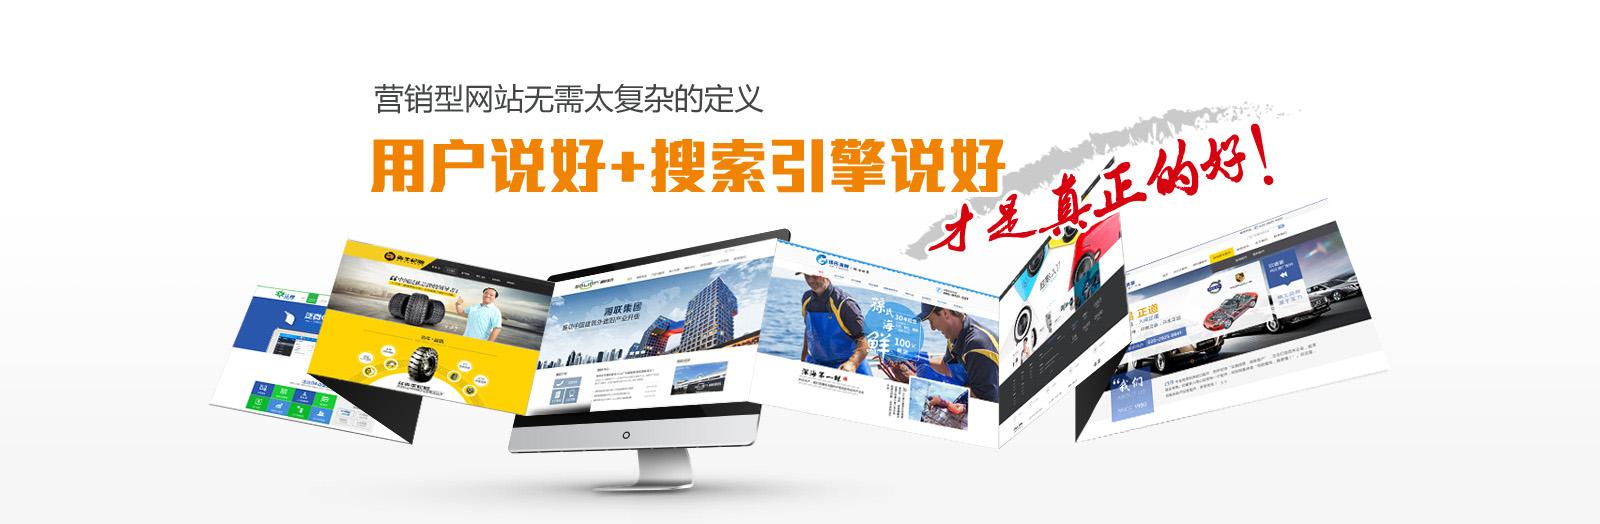 """深圳做网站公司如何建设一个""""金牌销售""""网站?"""